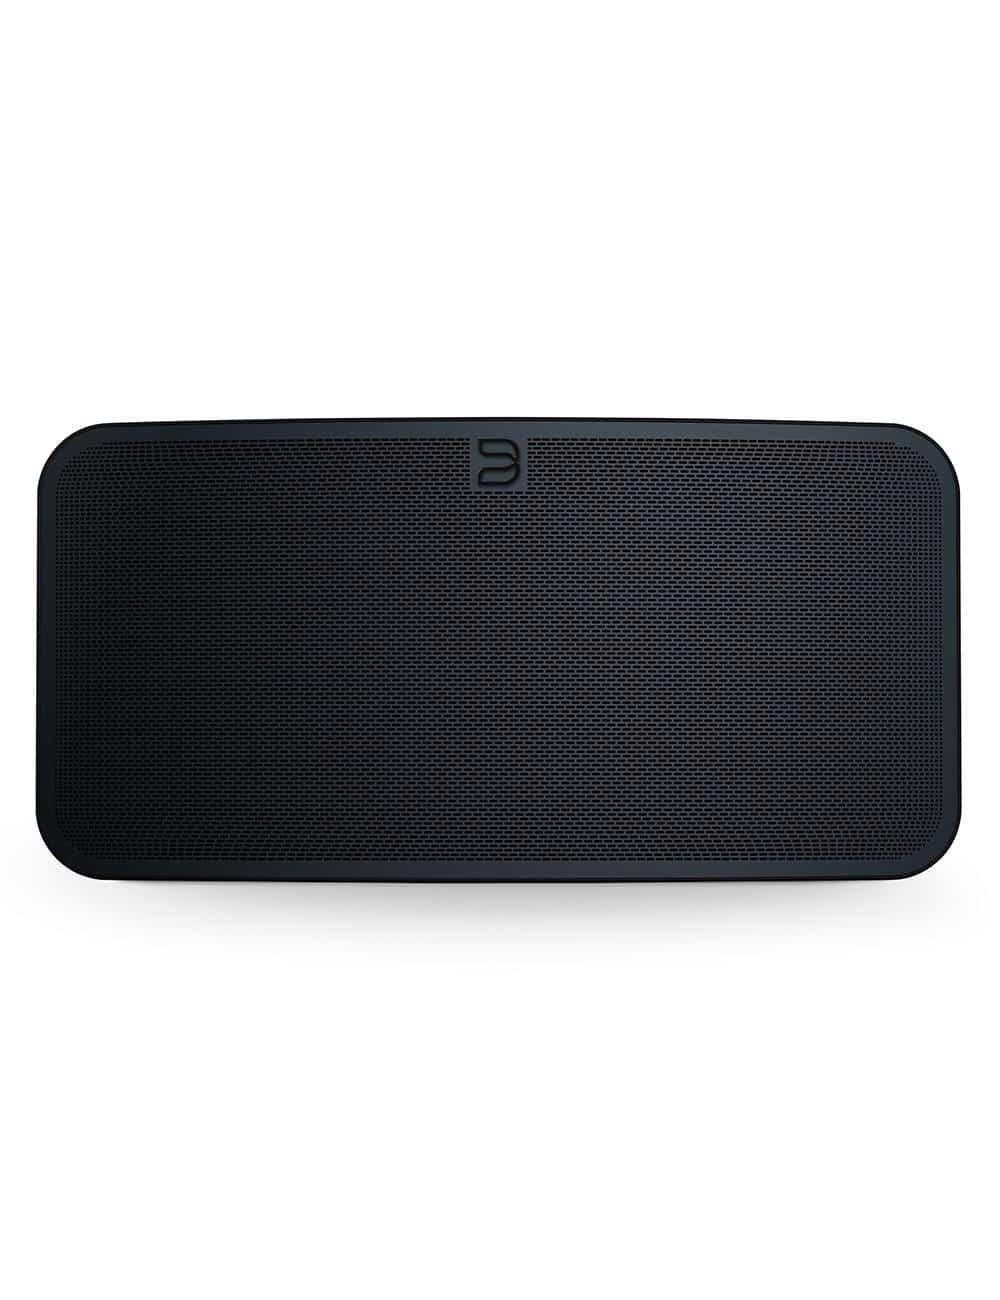 diffusore wireless streaming HiFi, Bluesound Pulse 2i, vista frontale, finitura nero